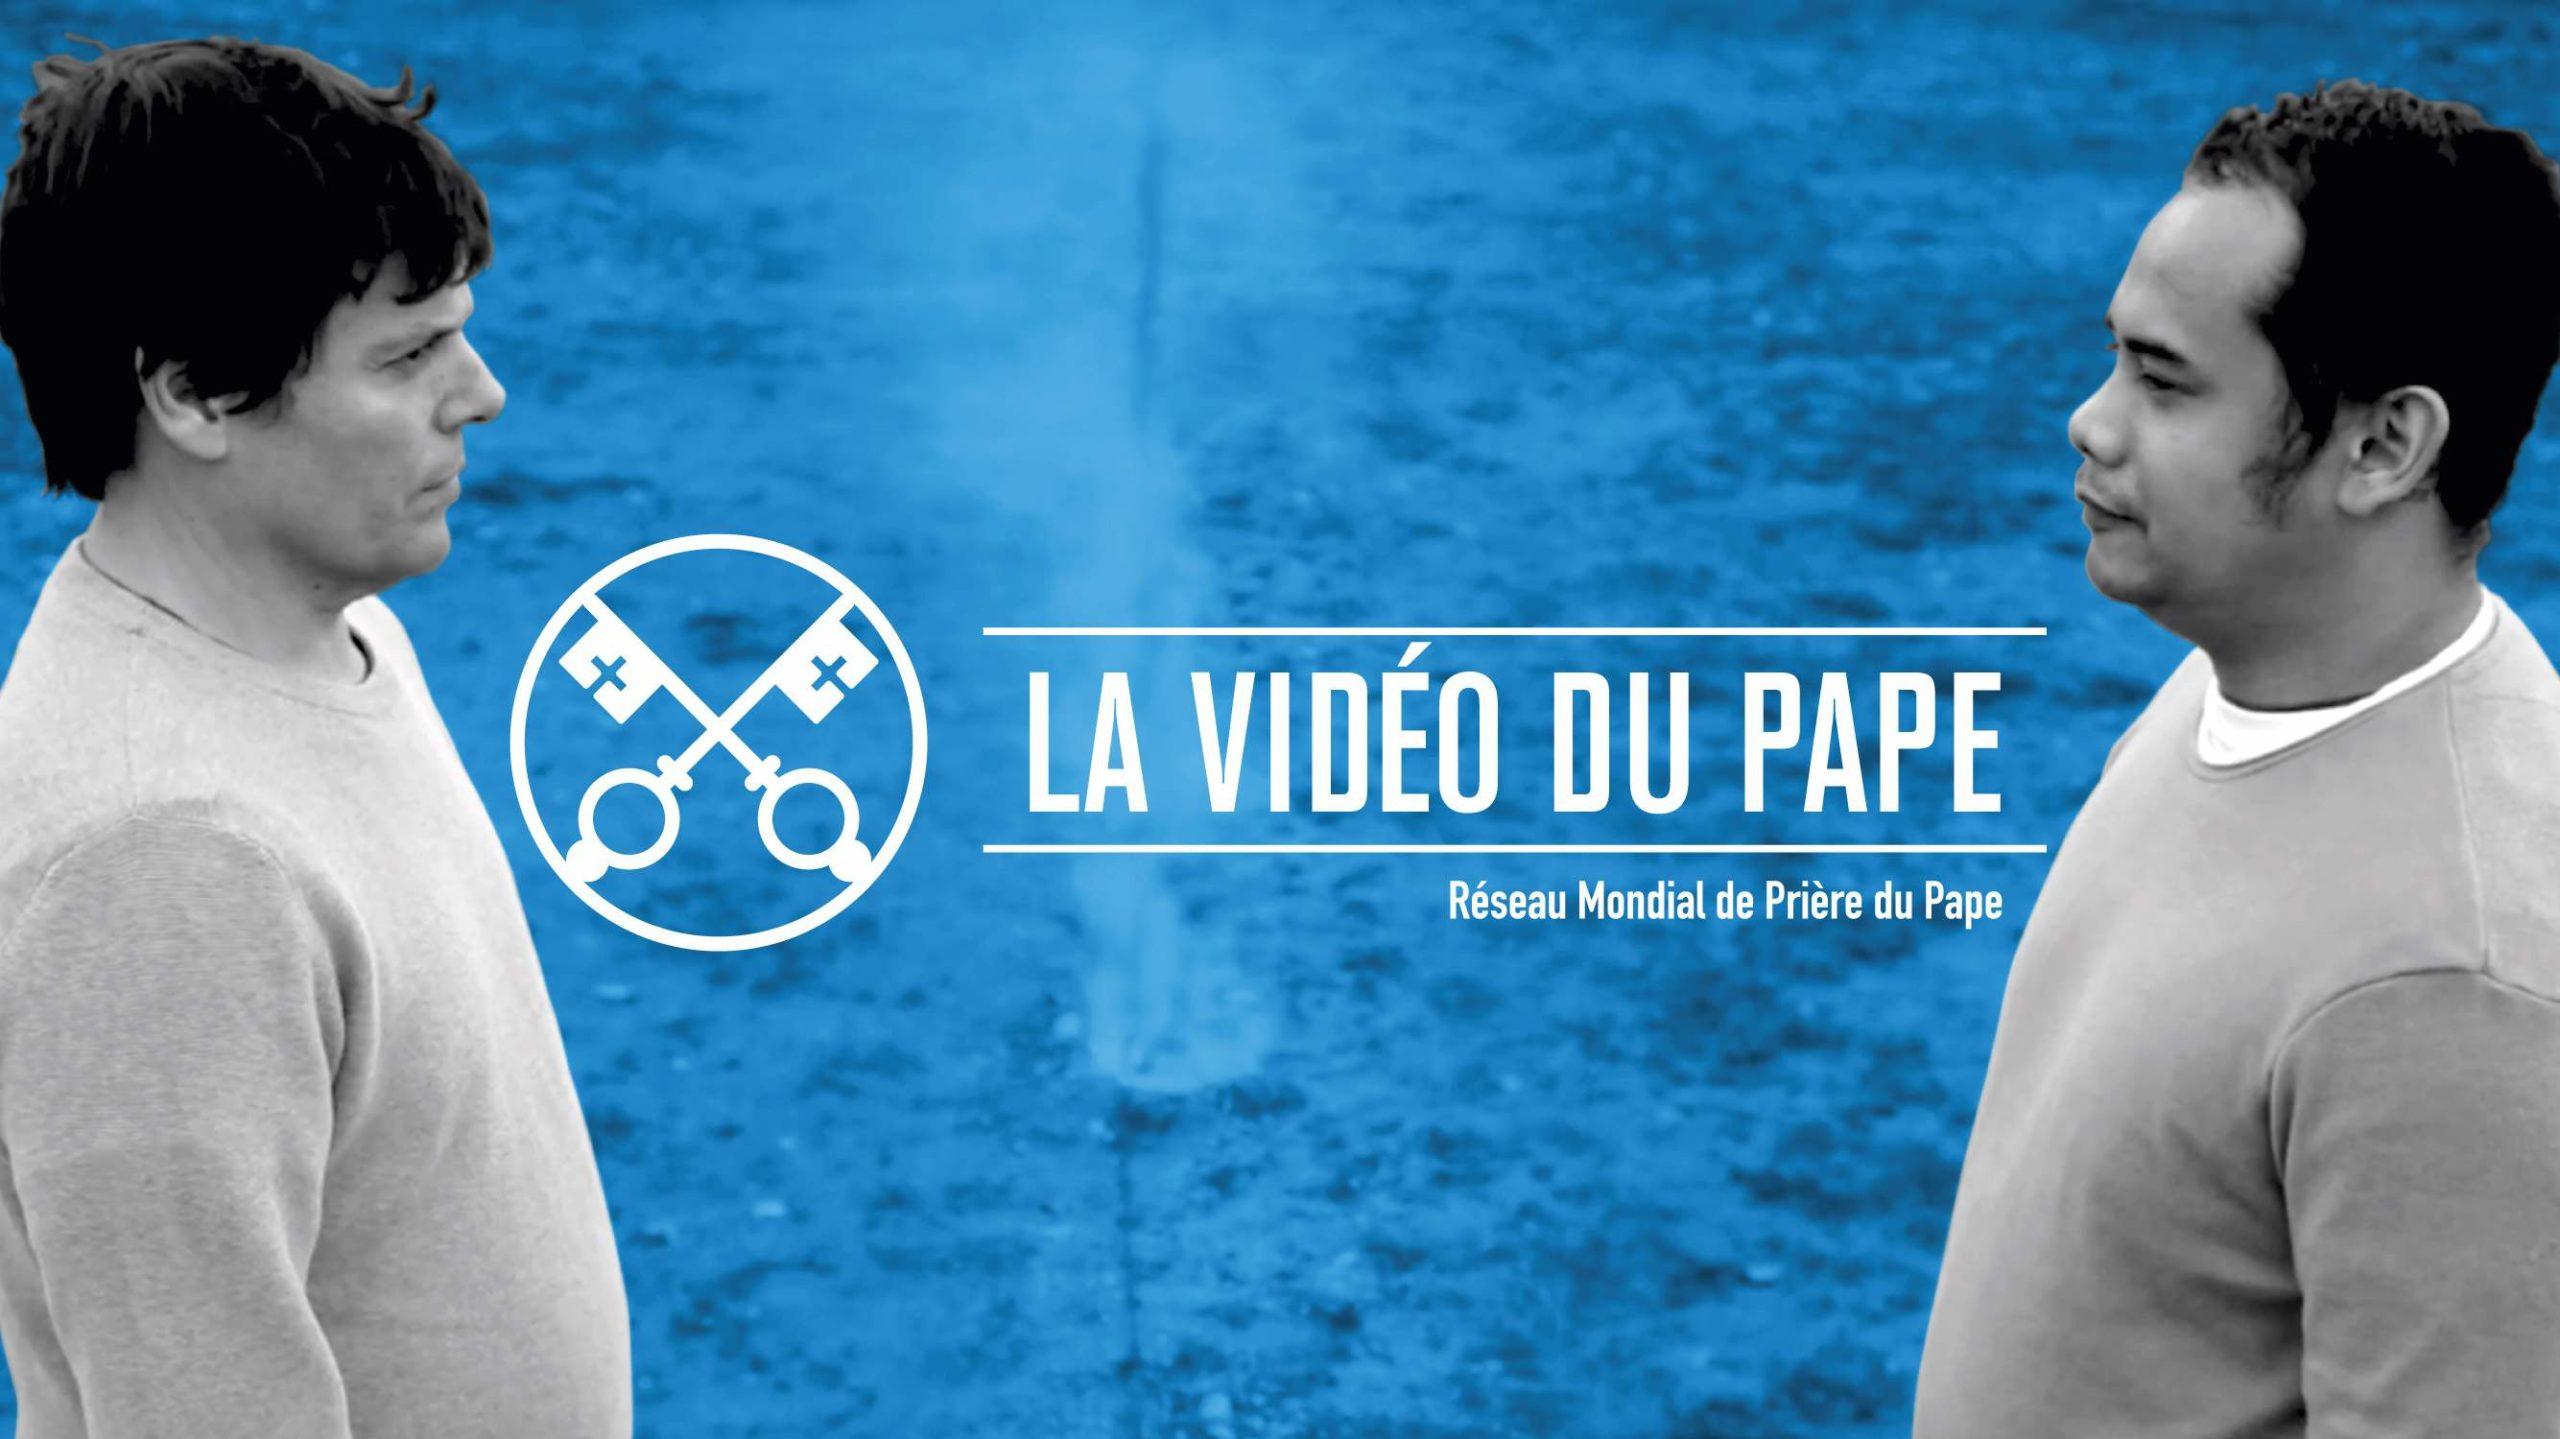 Official-Image-TPV-1-2020-FR-La-Video-du-Pape-Promouvoir-la-paix-dans-le-monde-scaled